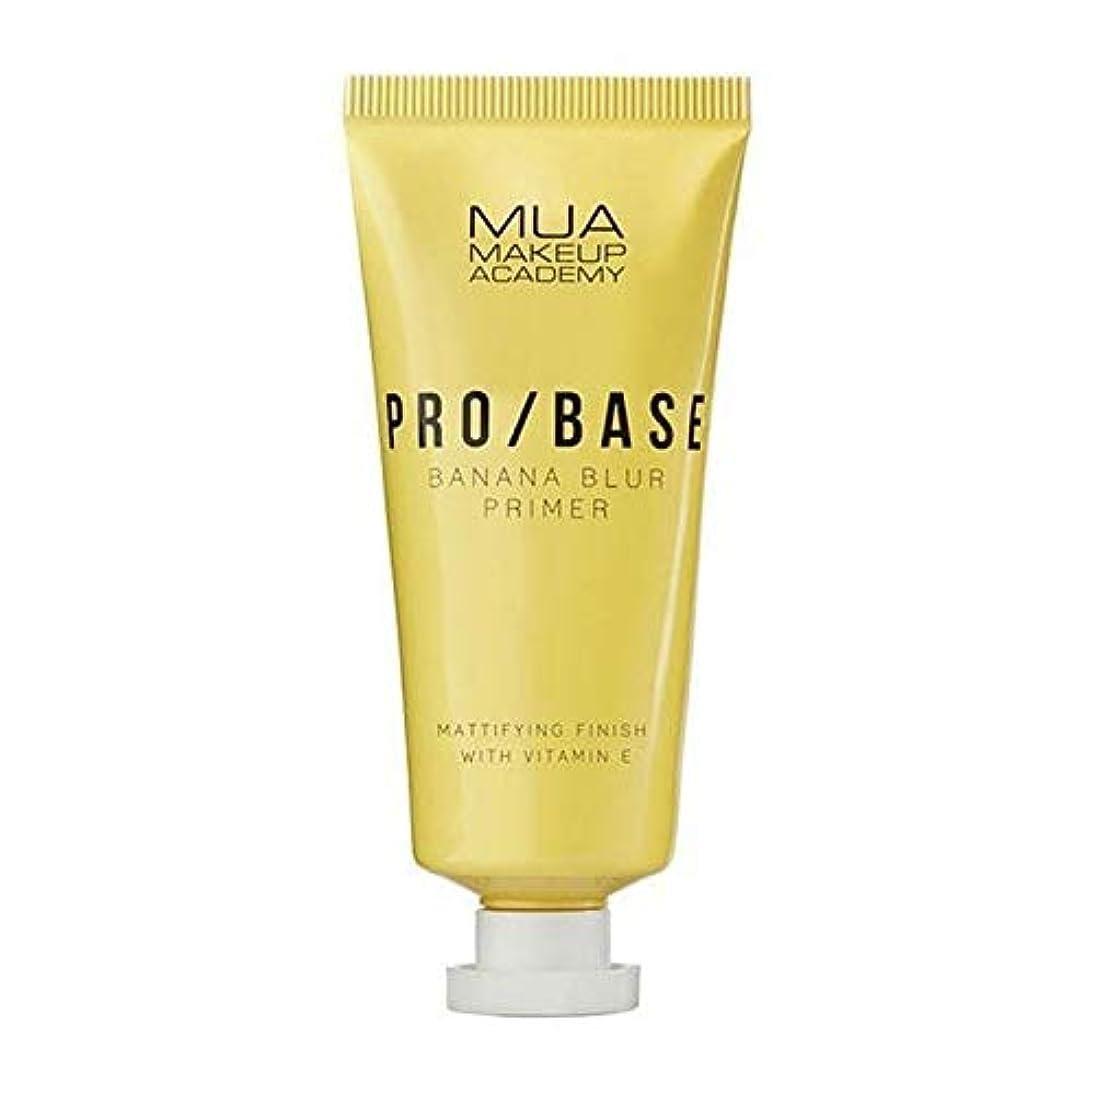 政府グリット乗り出す[MUA] Muaプロベースバナナブレプライマー - MUA Pro Base Banana Blur Primer [並行輸入品]